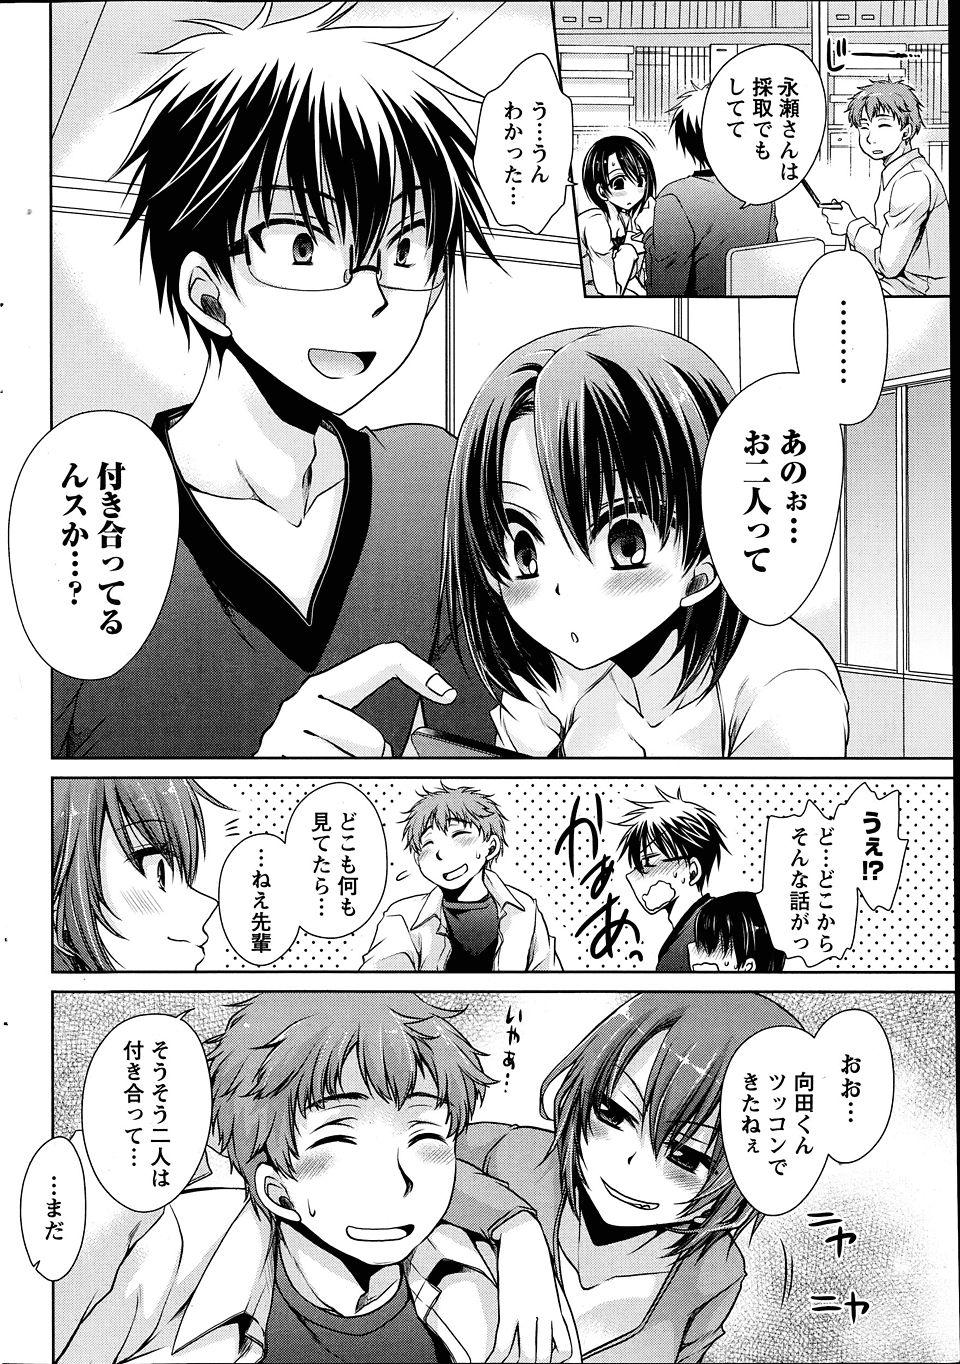 【エロ漫画・エロ同人】好きだった巨乳娘と付き合うようになってドキドキ初エッチwww (4)